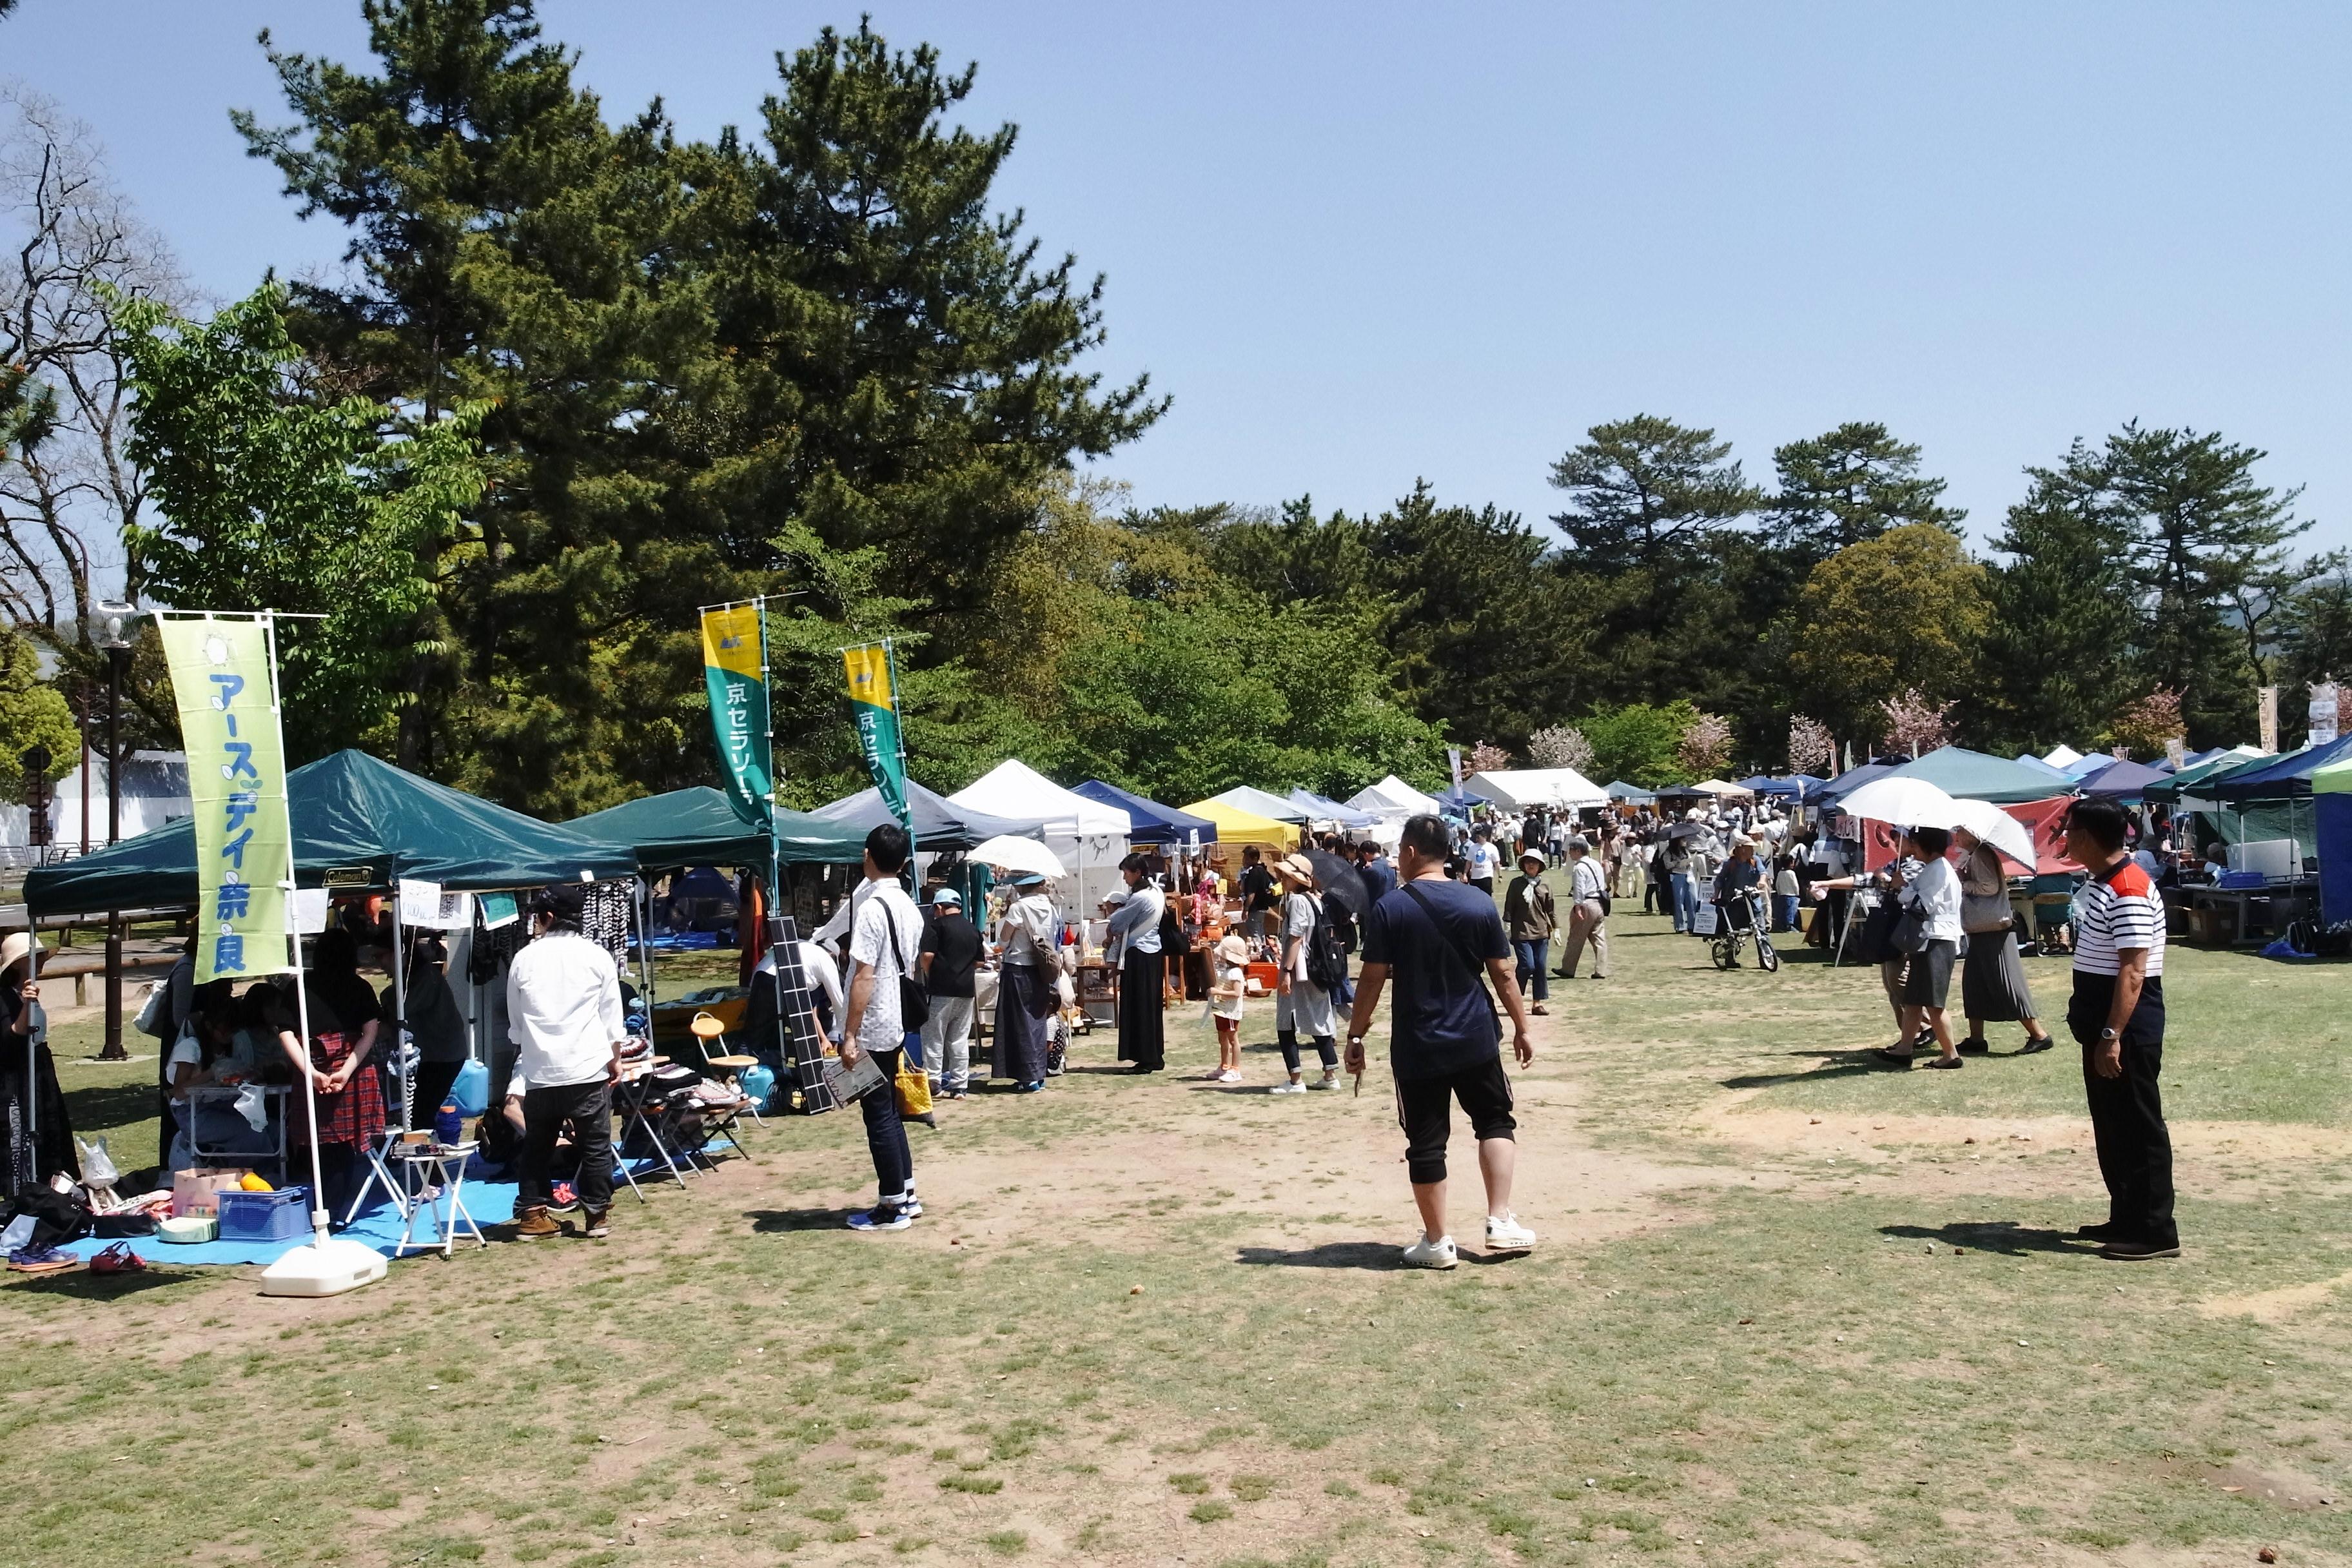 アースデイ奈良の会場風景。たくさんの人が訪れてました。